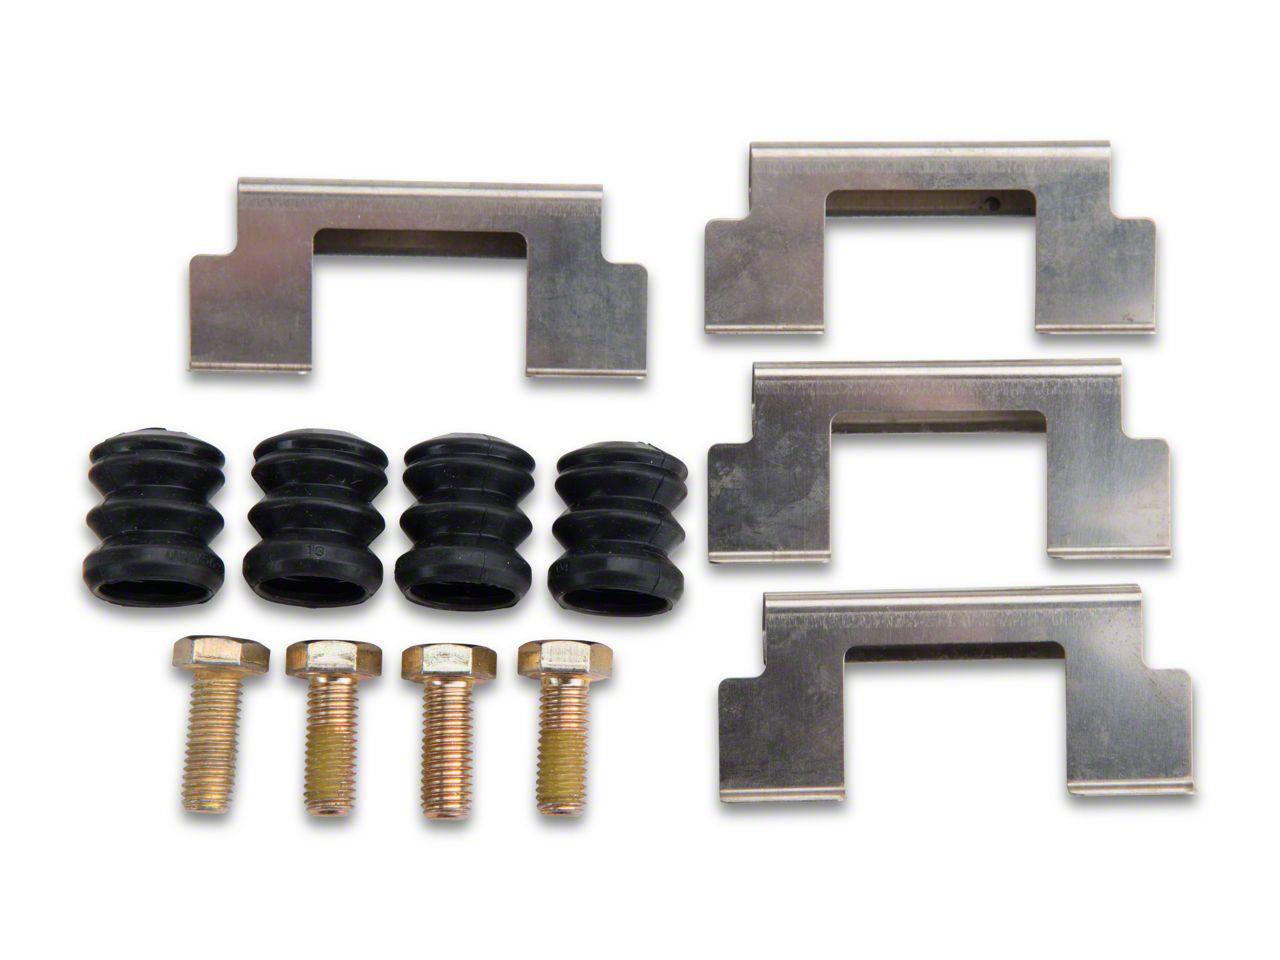 OPR Rear Disc Brake Hardware Kit (1993 Cobra)